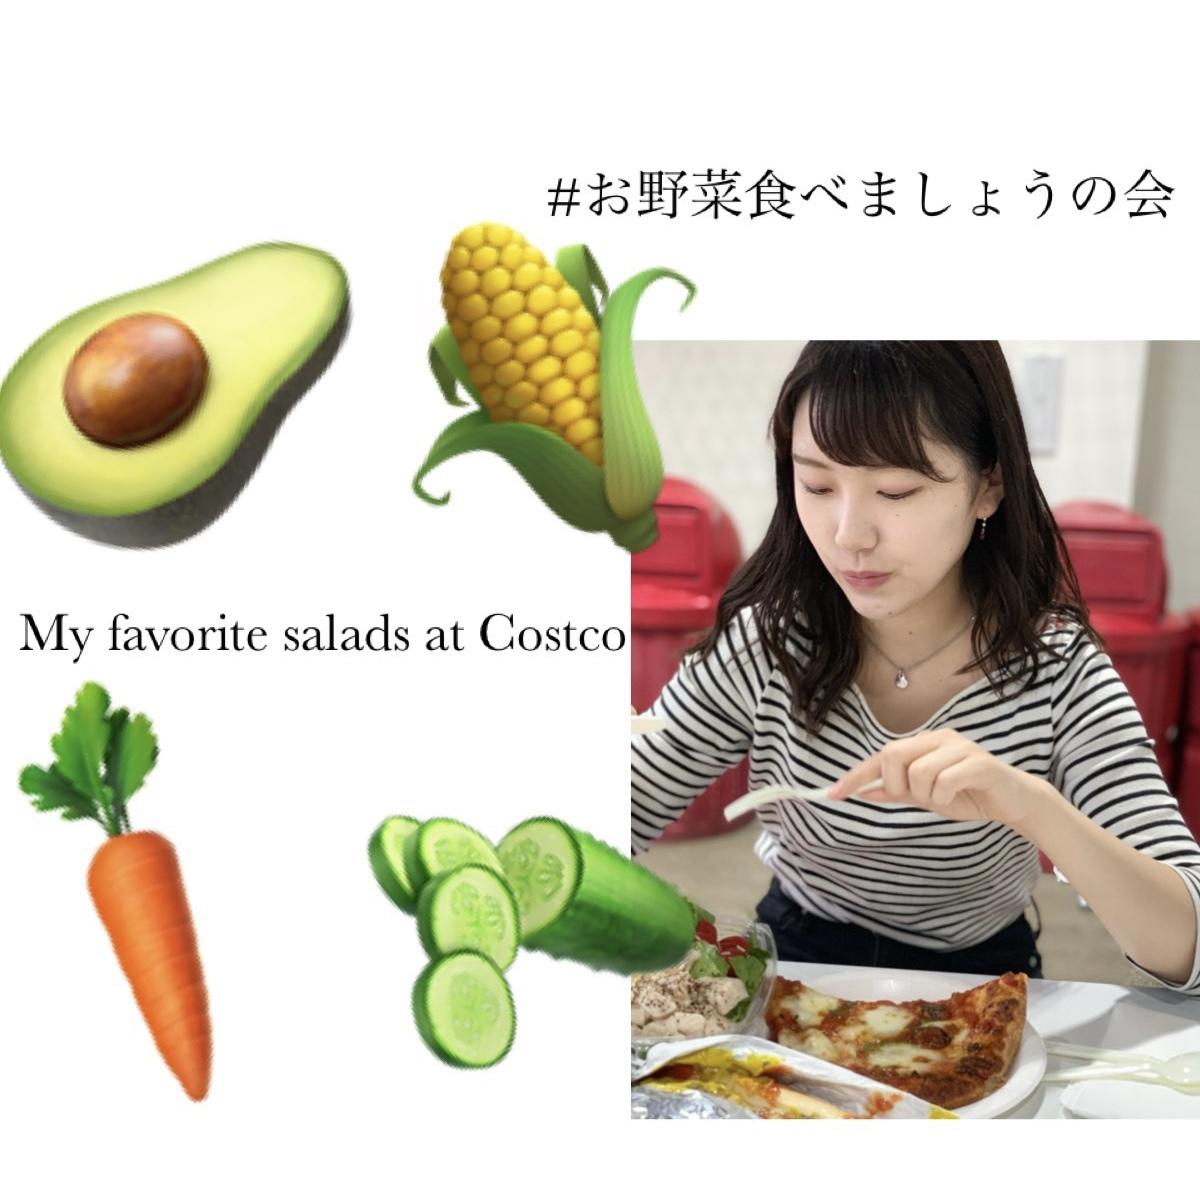 【超短ブログ】Costcoのサラダ大好きなんです、美味!_1_1